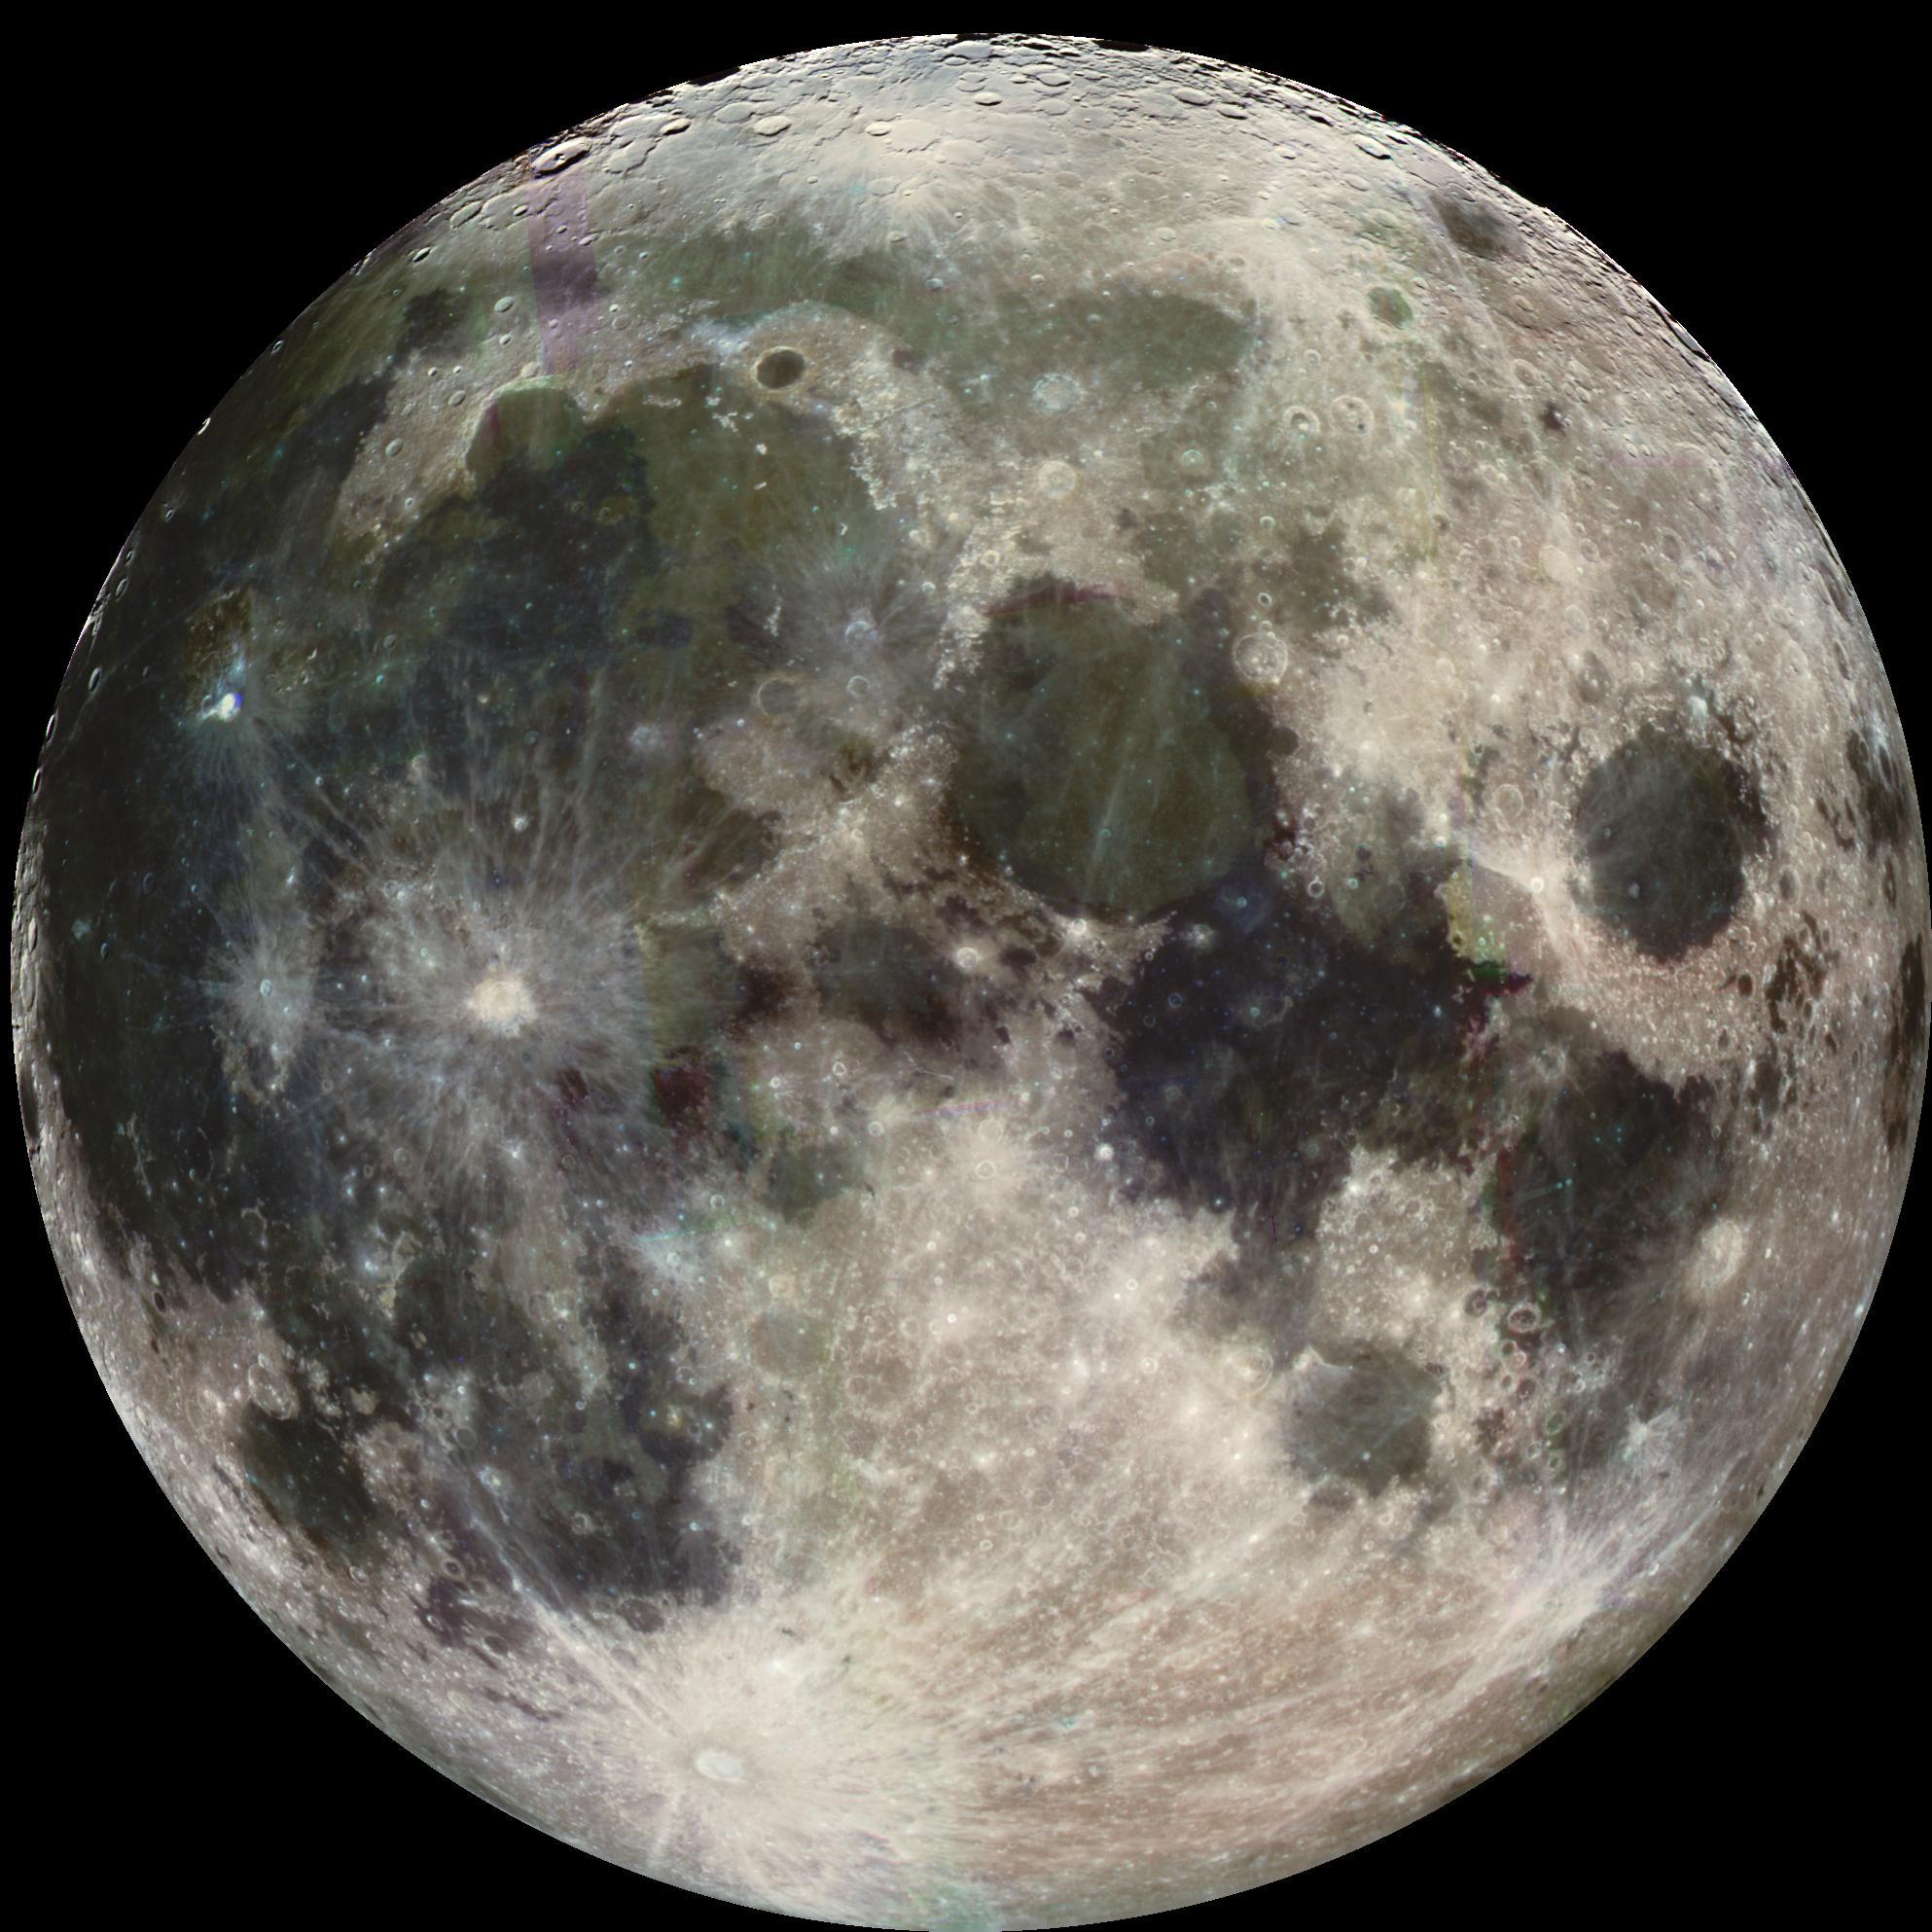 Full Moon. Courtesy of NASA/JPL/USGS